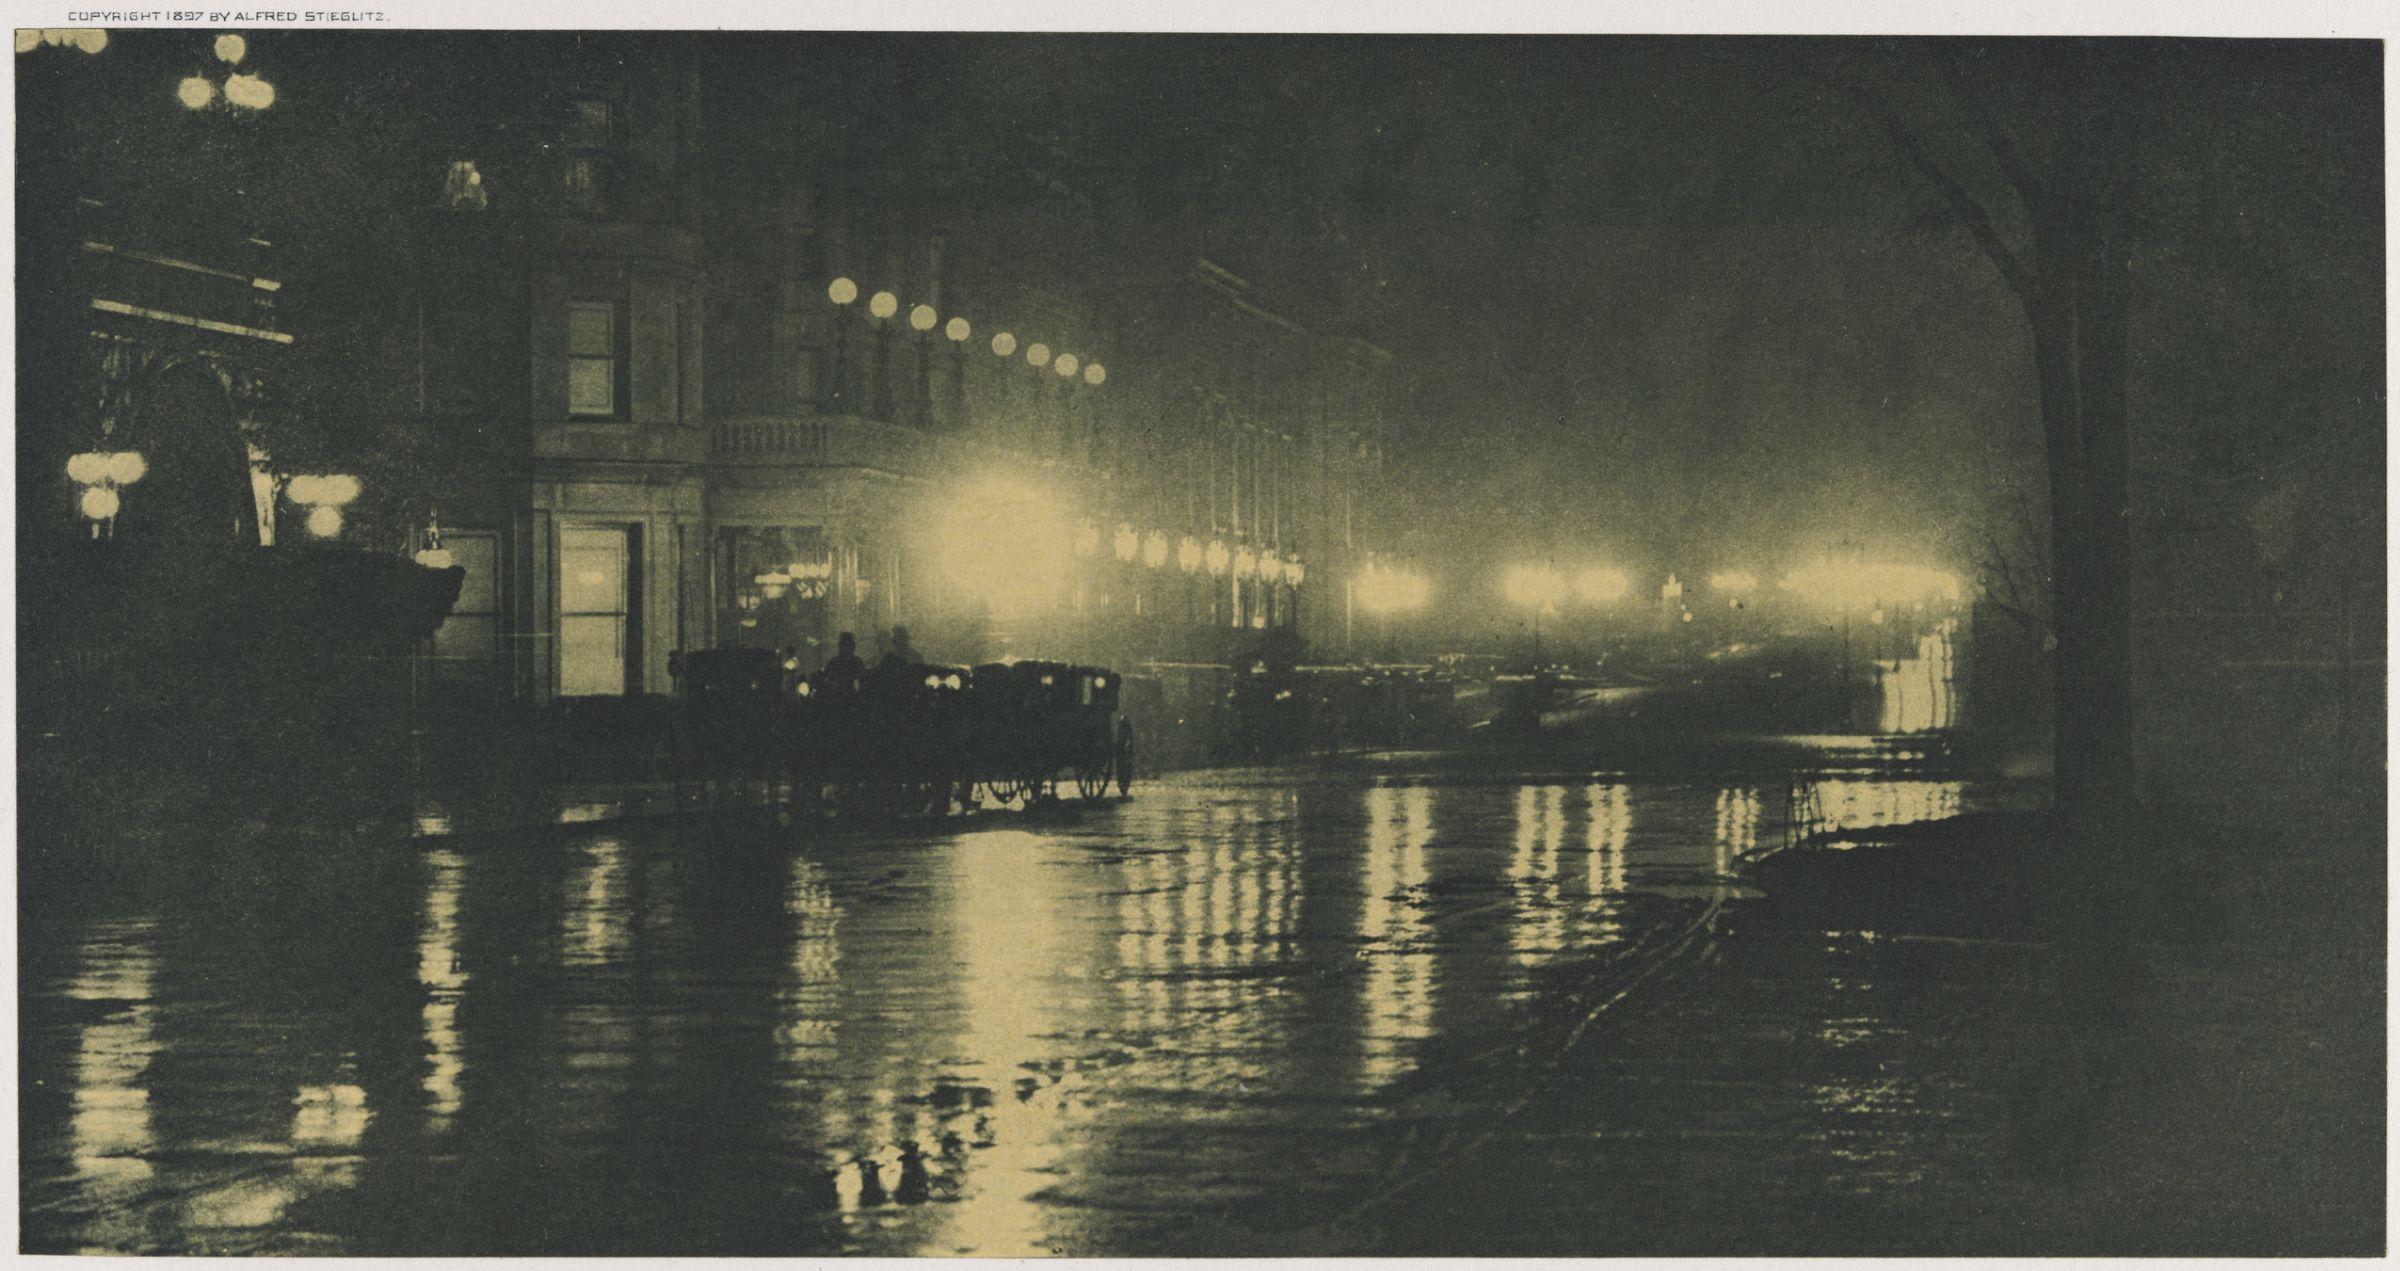 1897. Ночные огни, Нью-Йорк